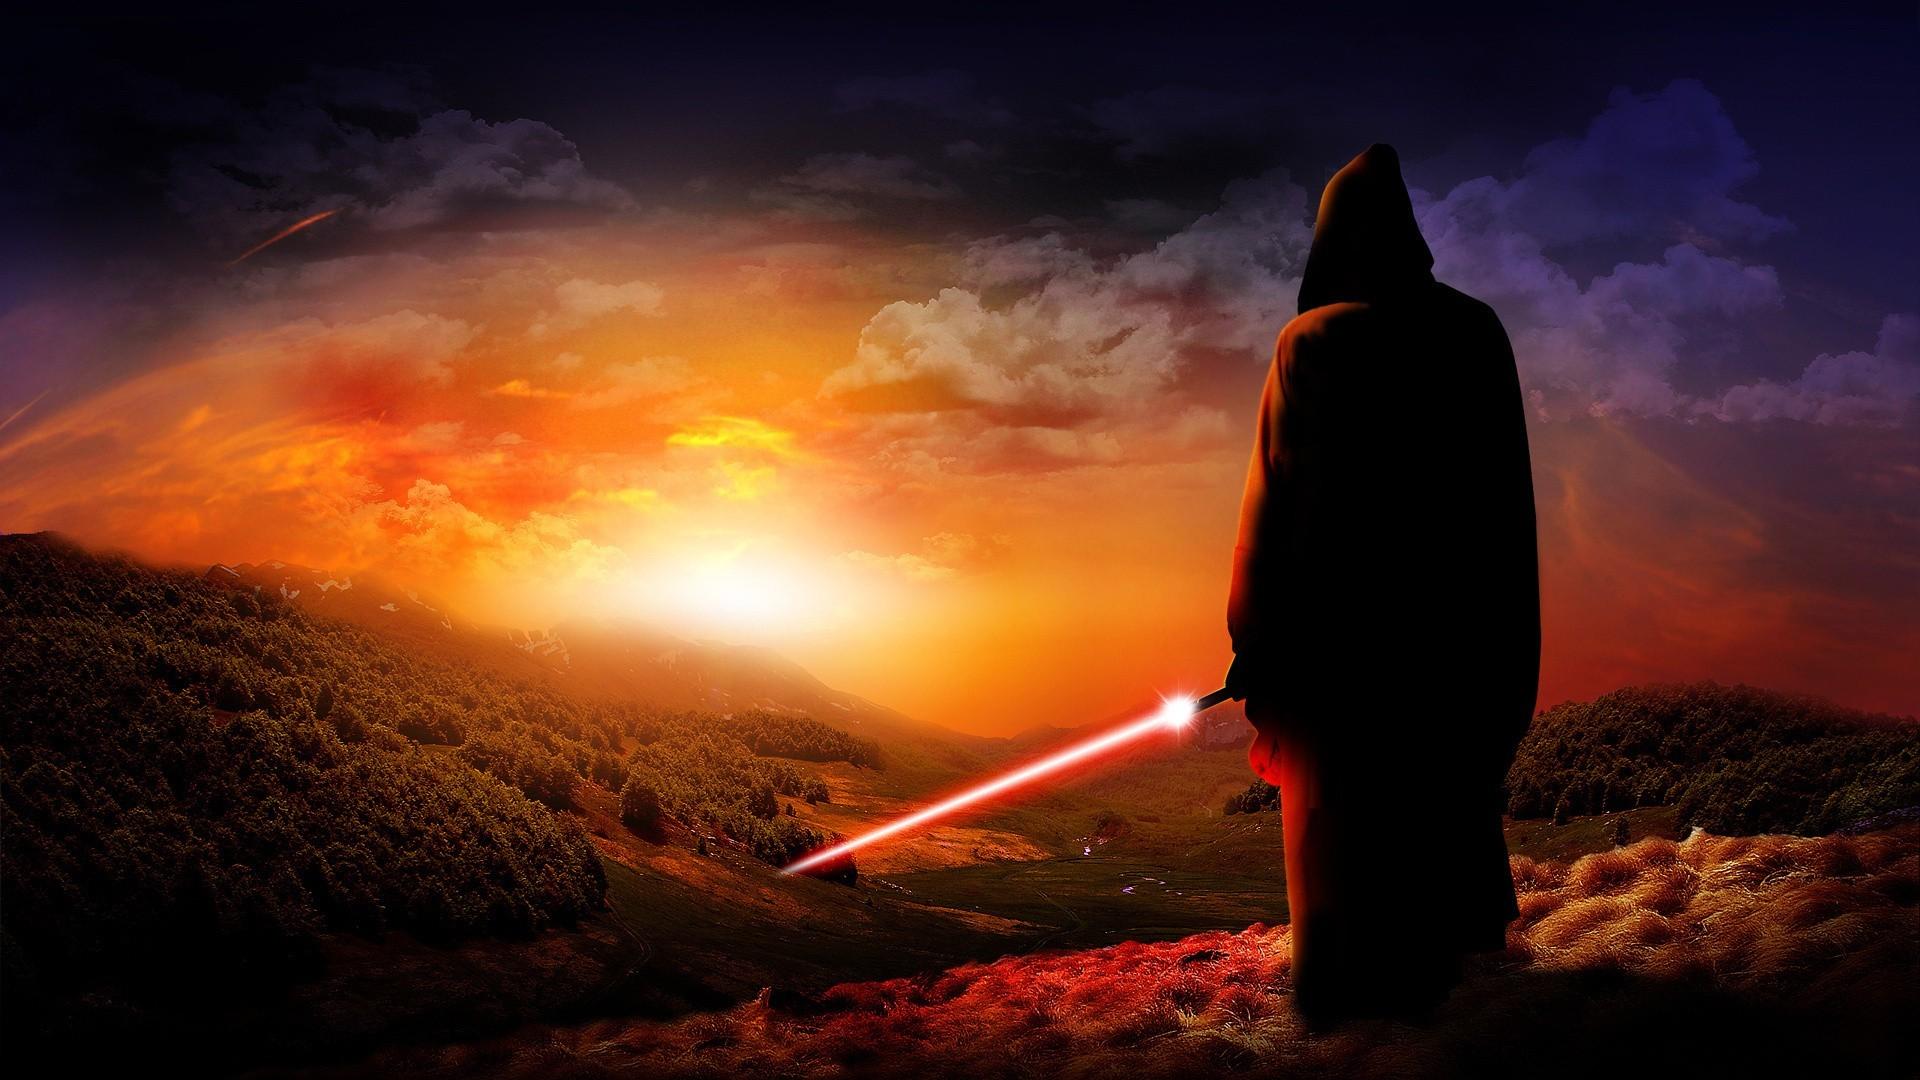 Jedi Lightsabers Obi-Wan Kenobi Sith Star Wars